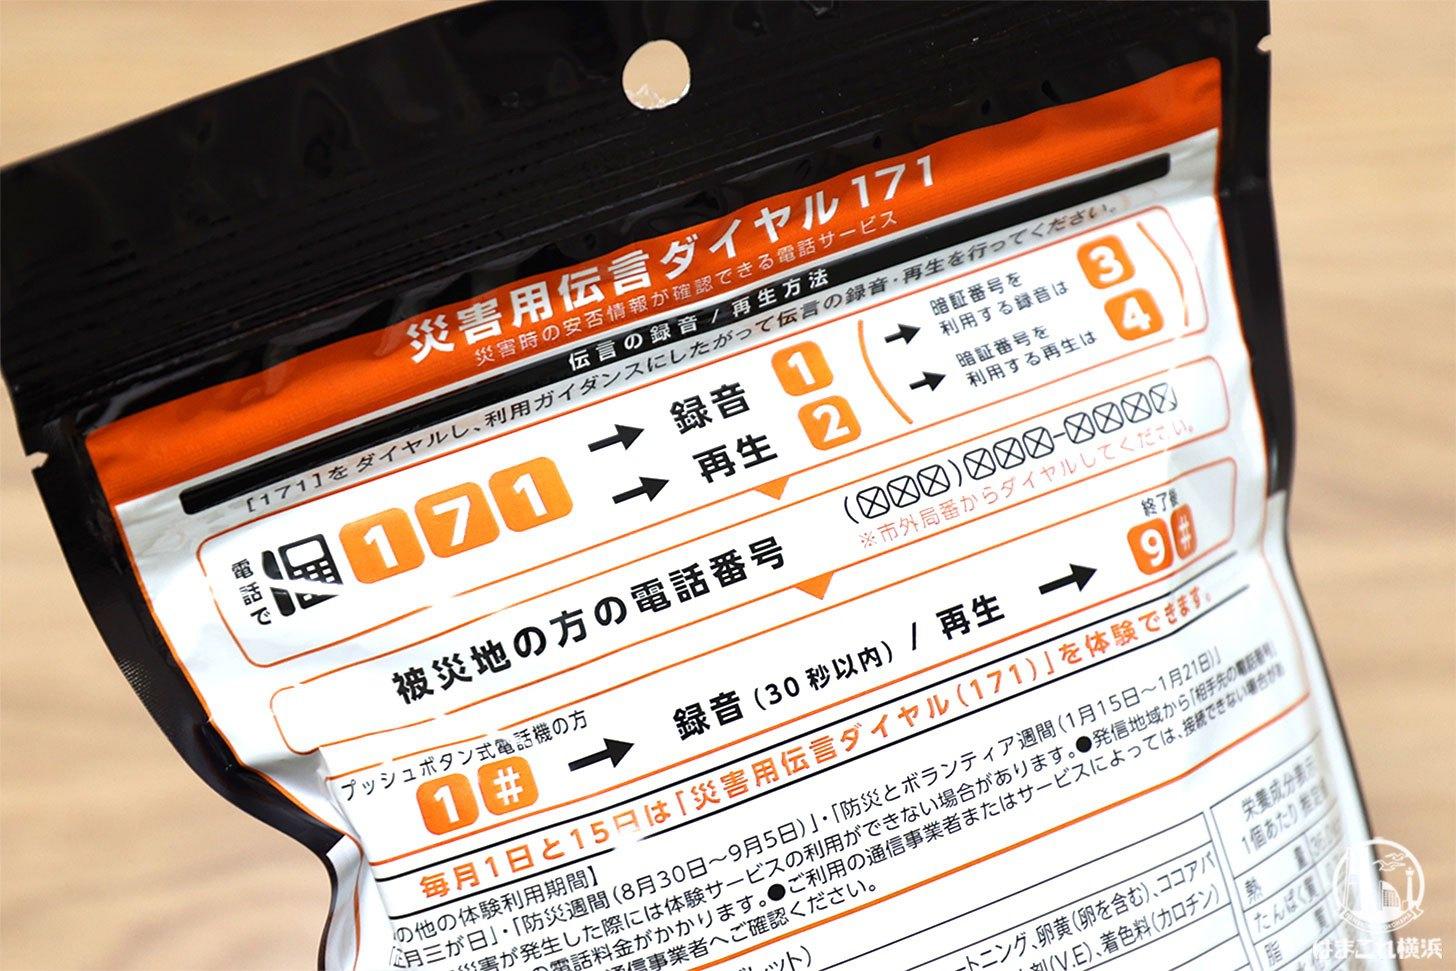 パッケージの裏 災害用伝言ダイヤルの説明